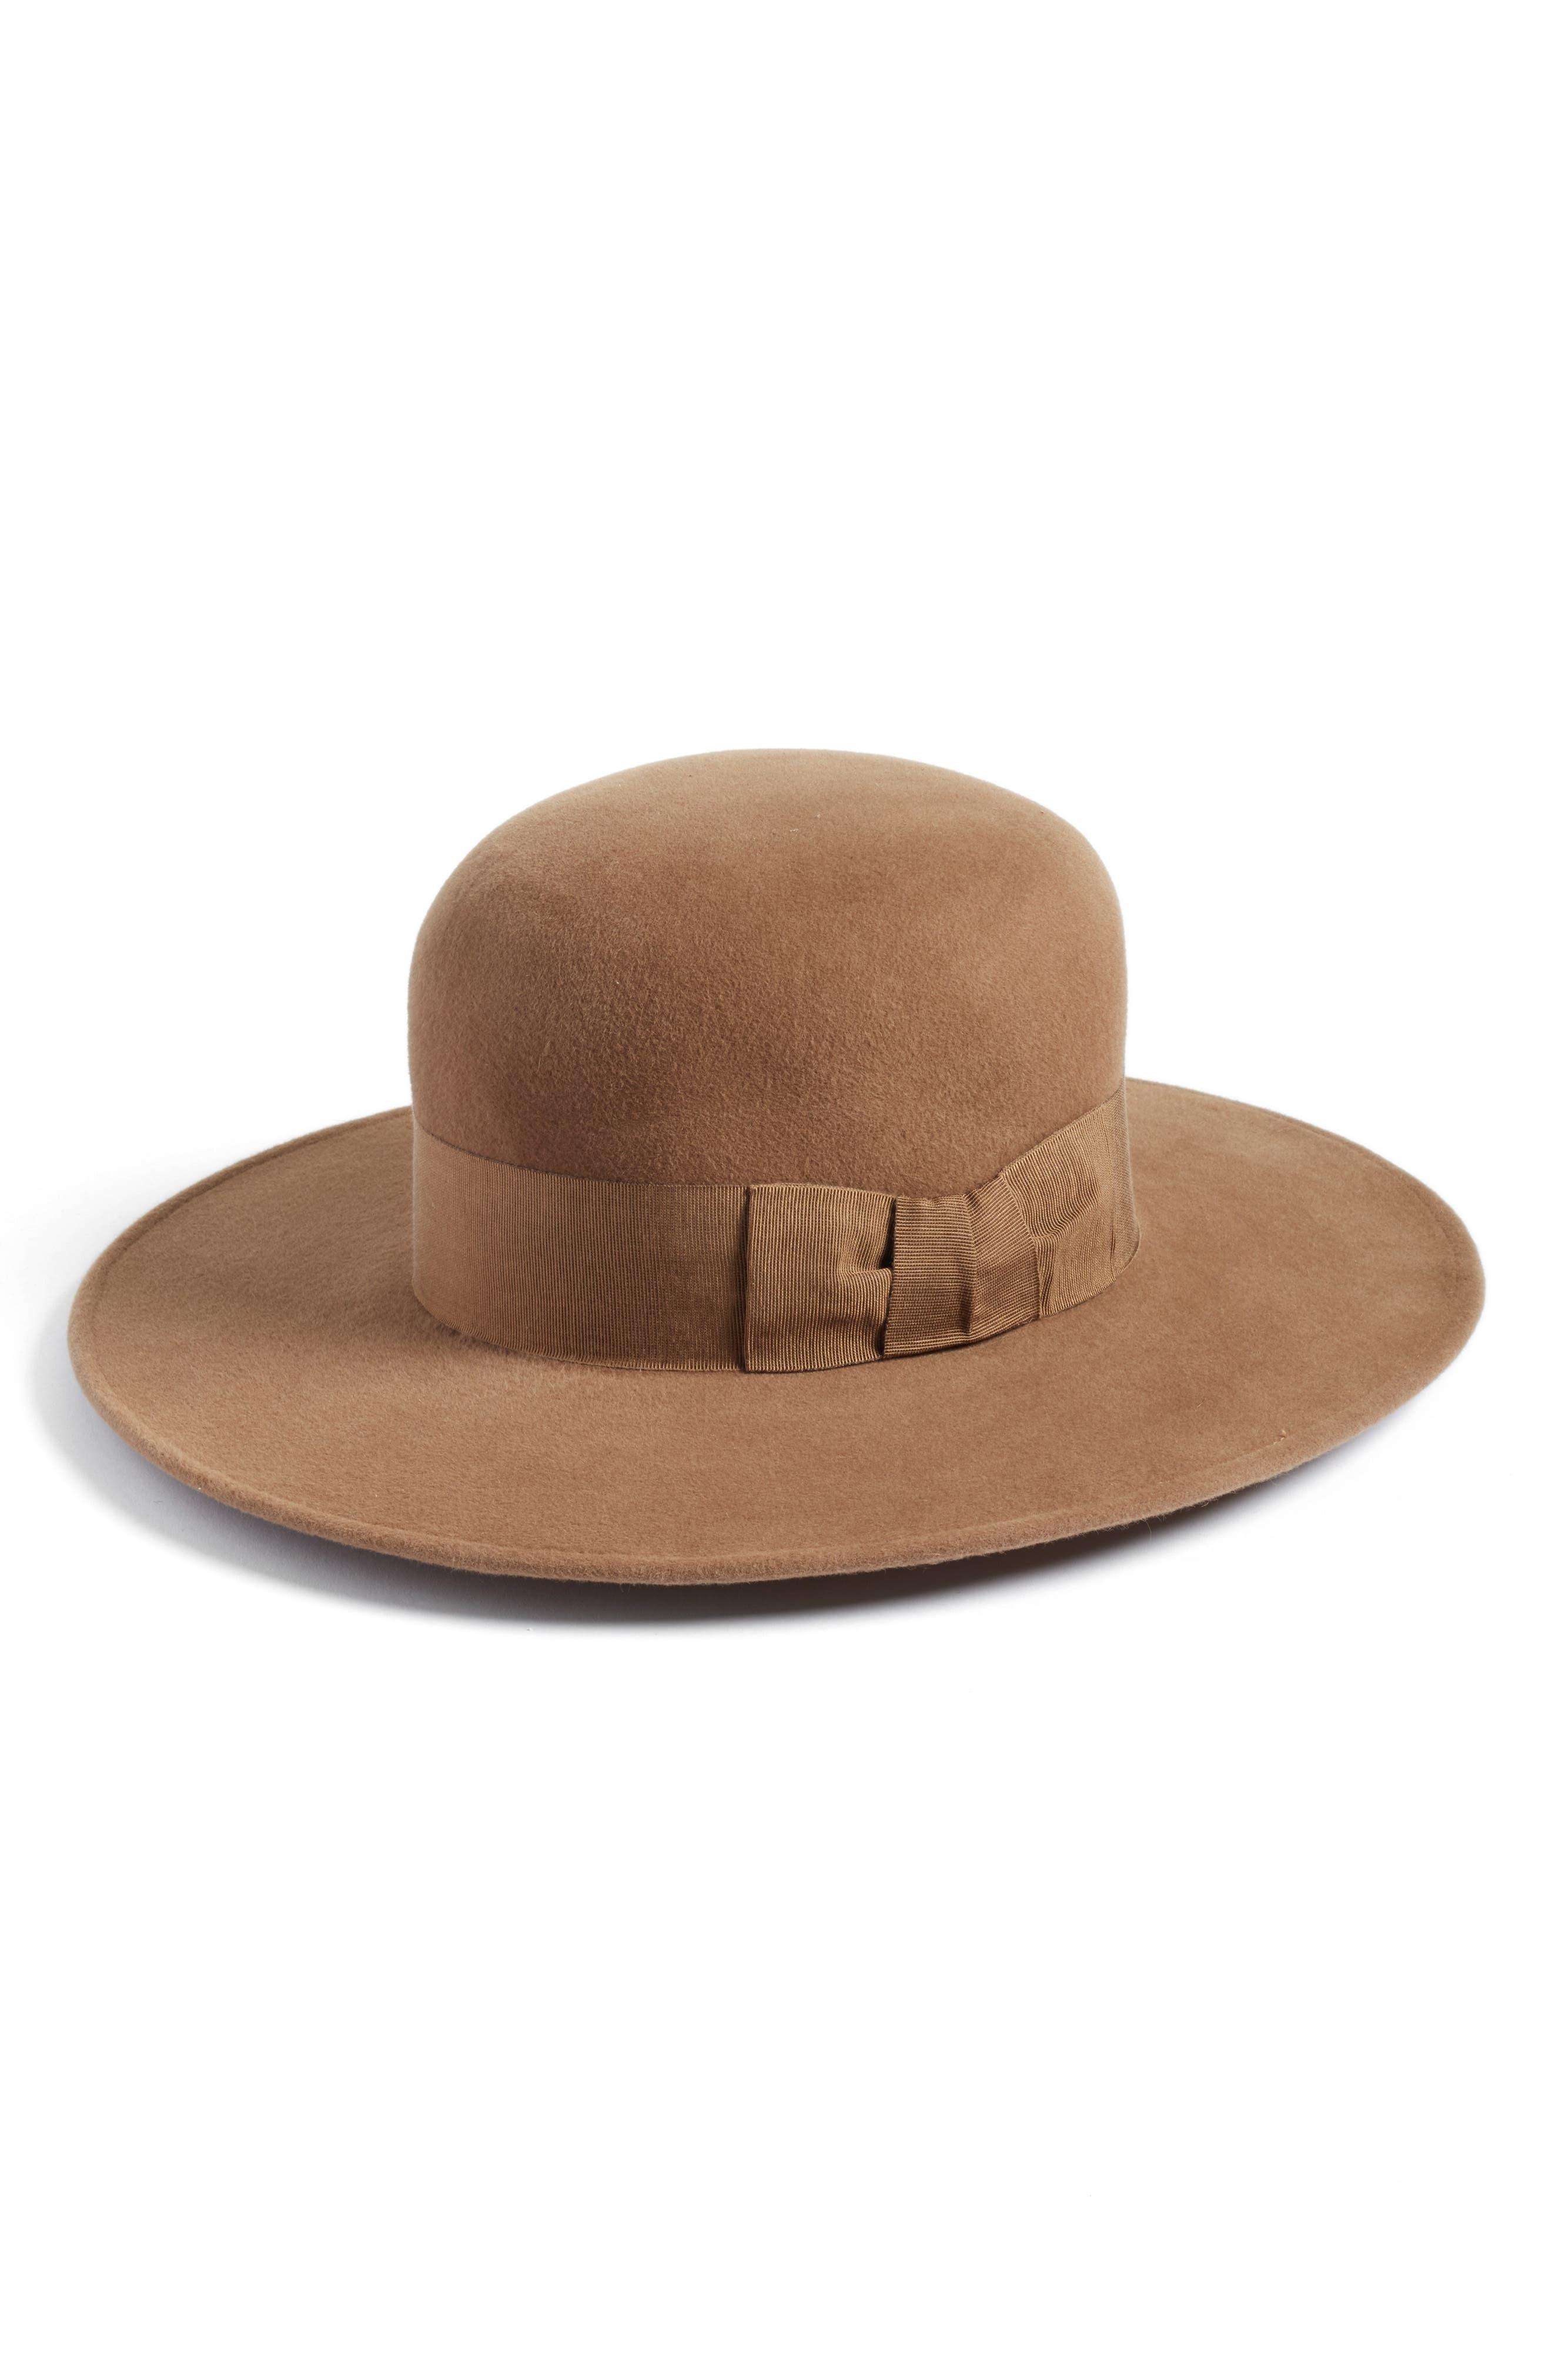 Velour Padre Fur Felt Wide Brim Hat,                             Main thumbnail 1, color,                             Camel